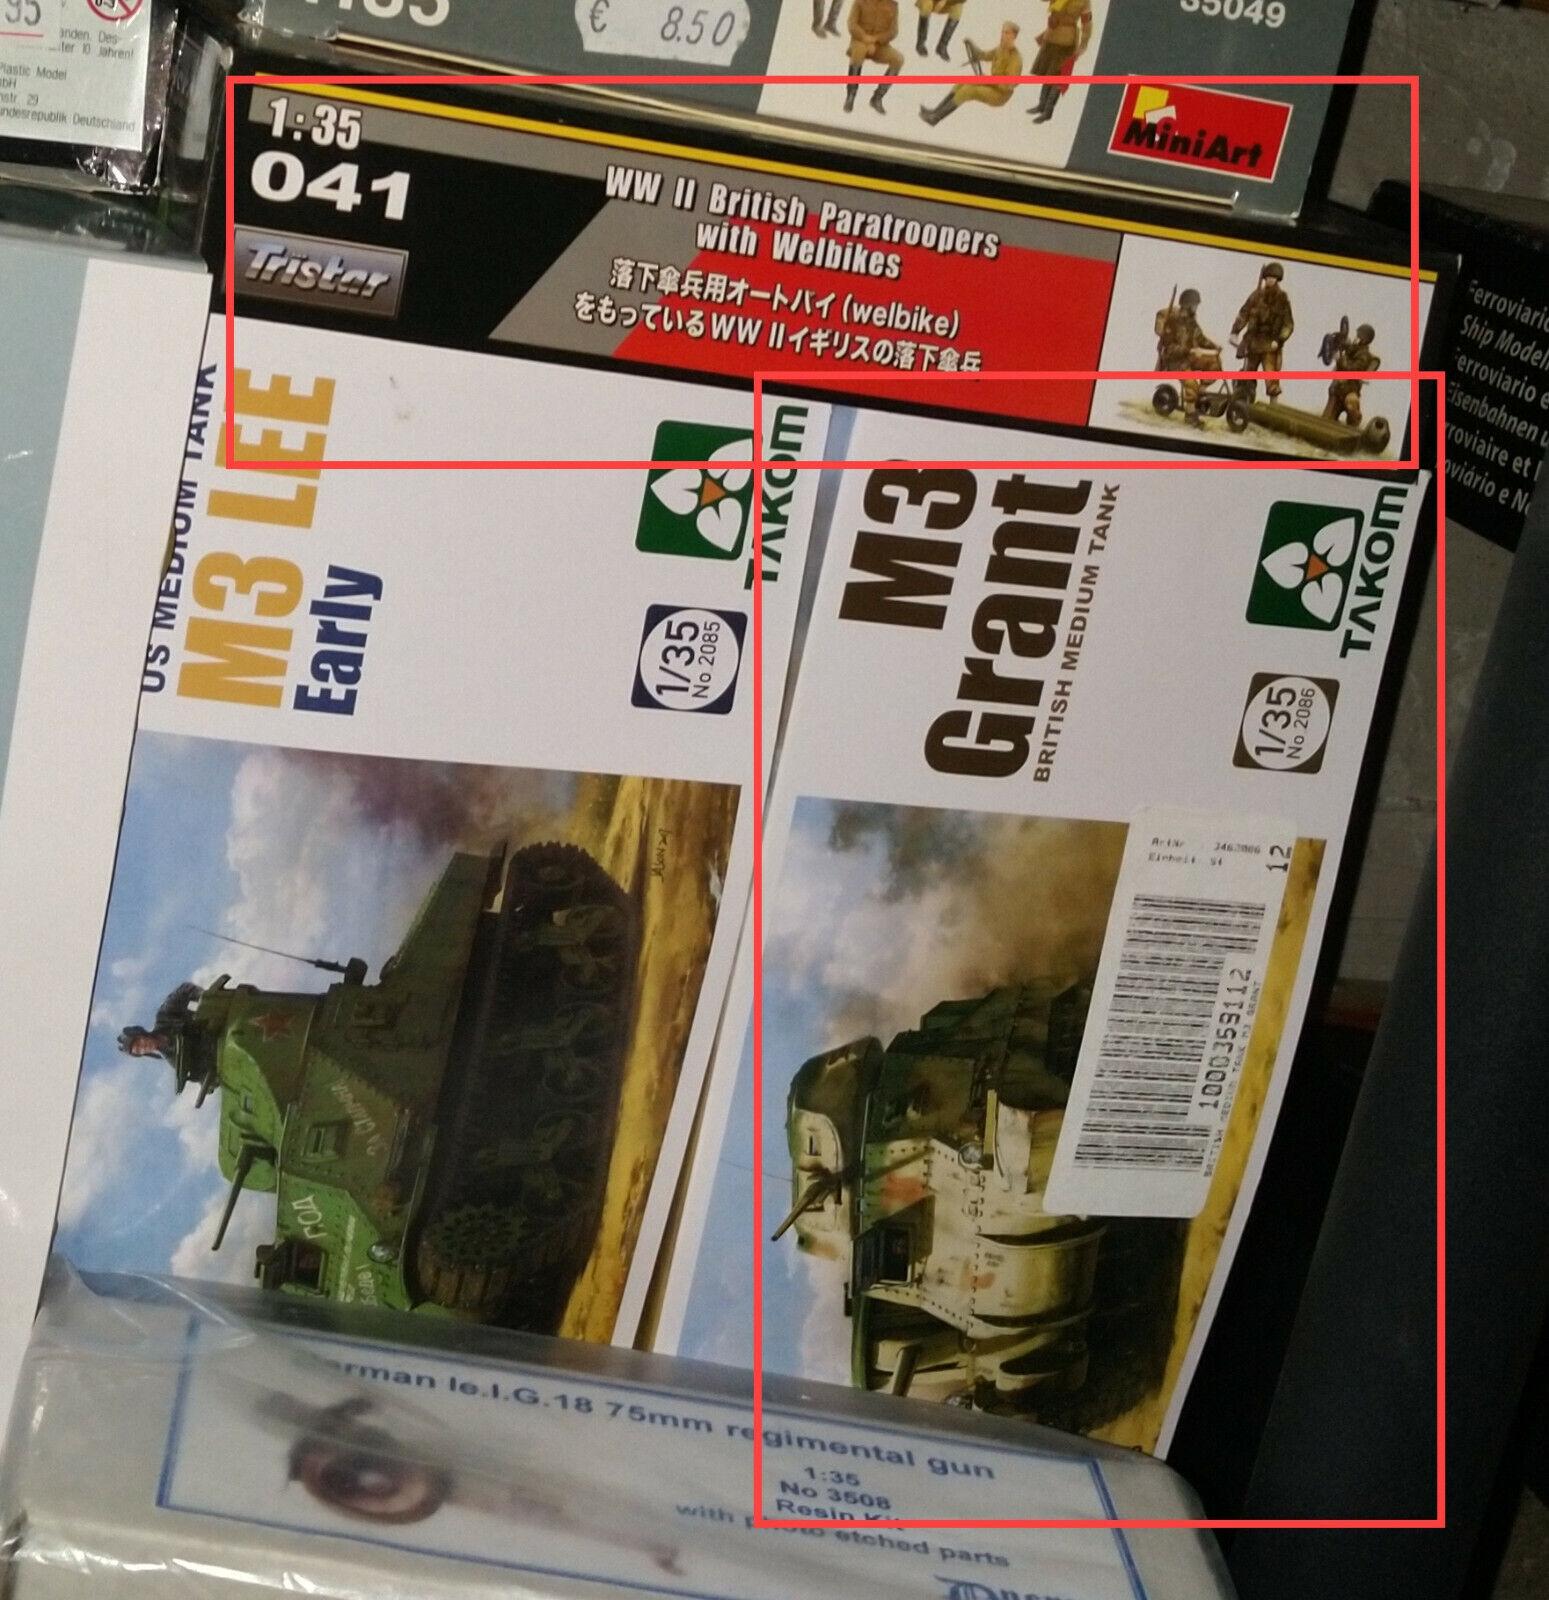 1 35 Panzerbausatz-Konvolut  Britische Fahrzeuge und Figures, 2.WK  - 4 Bausätze